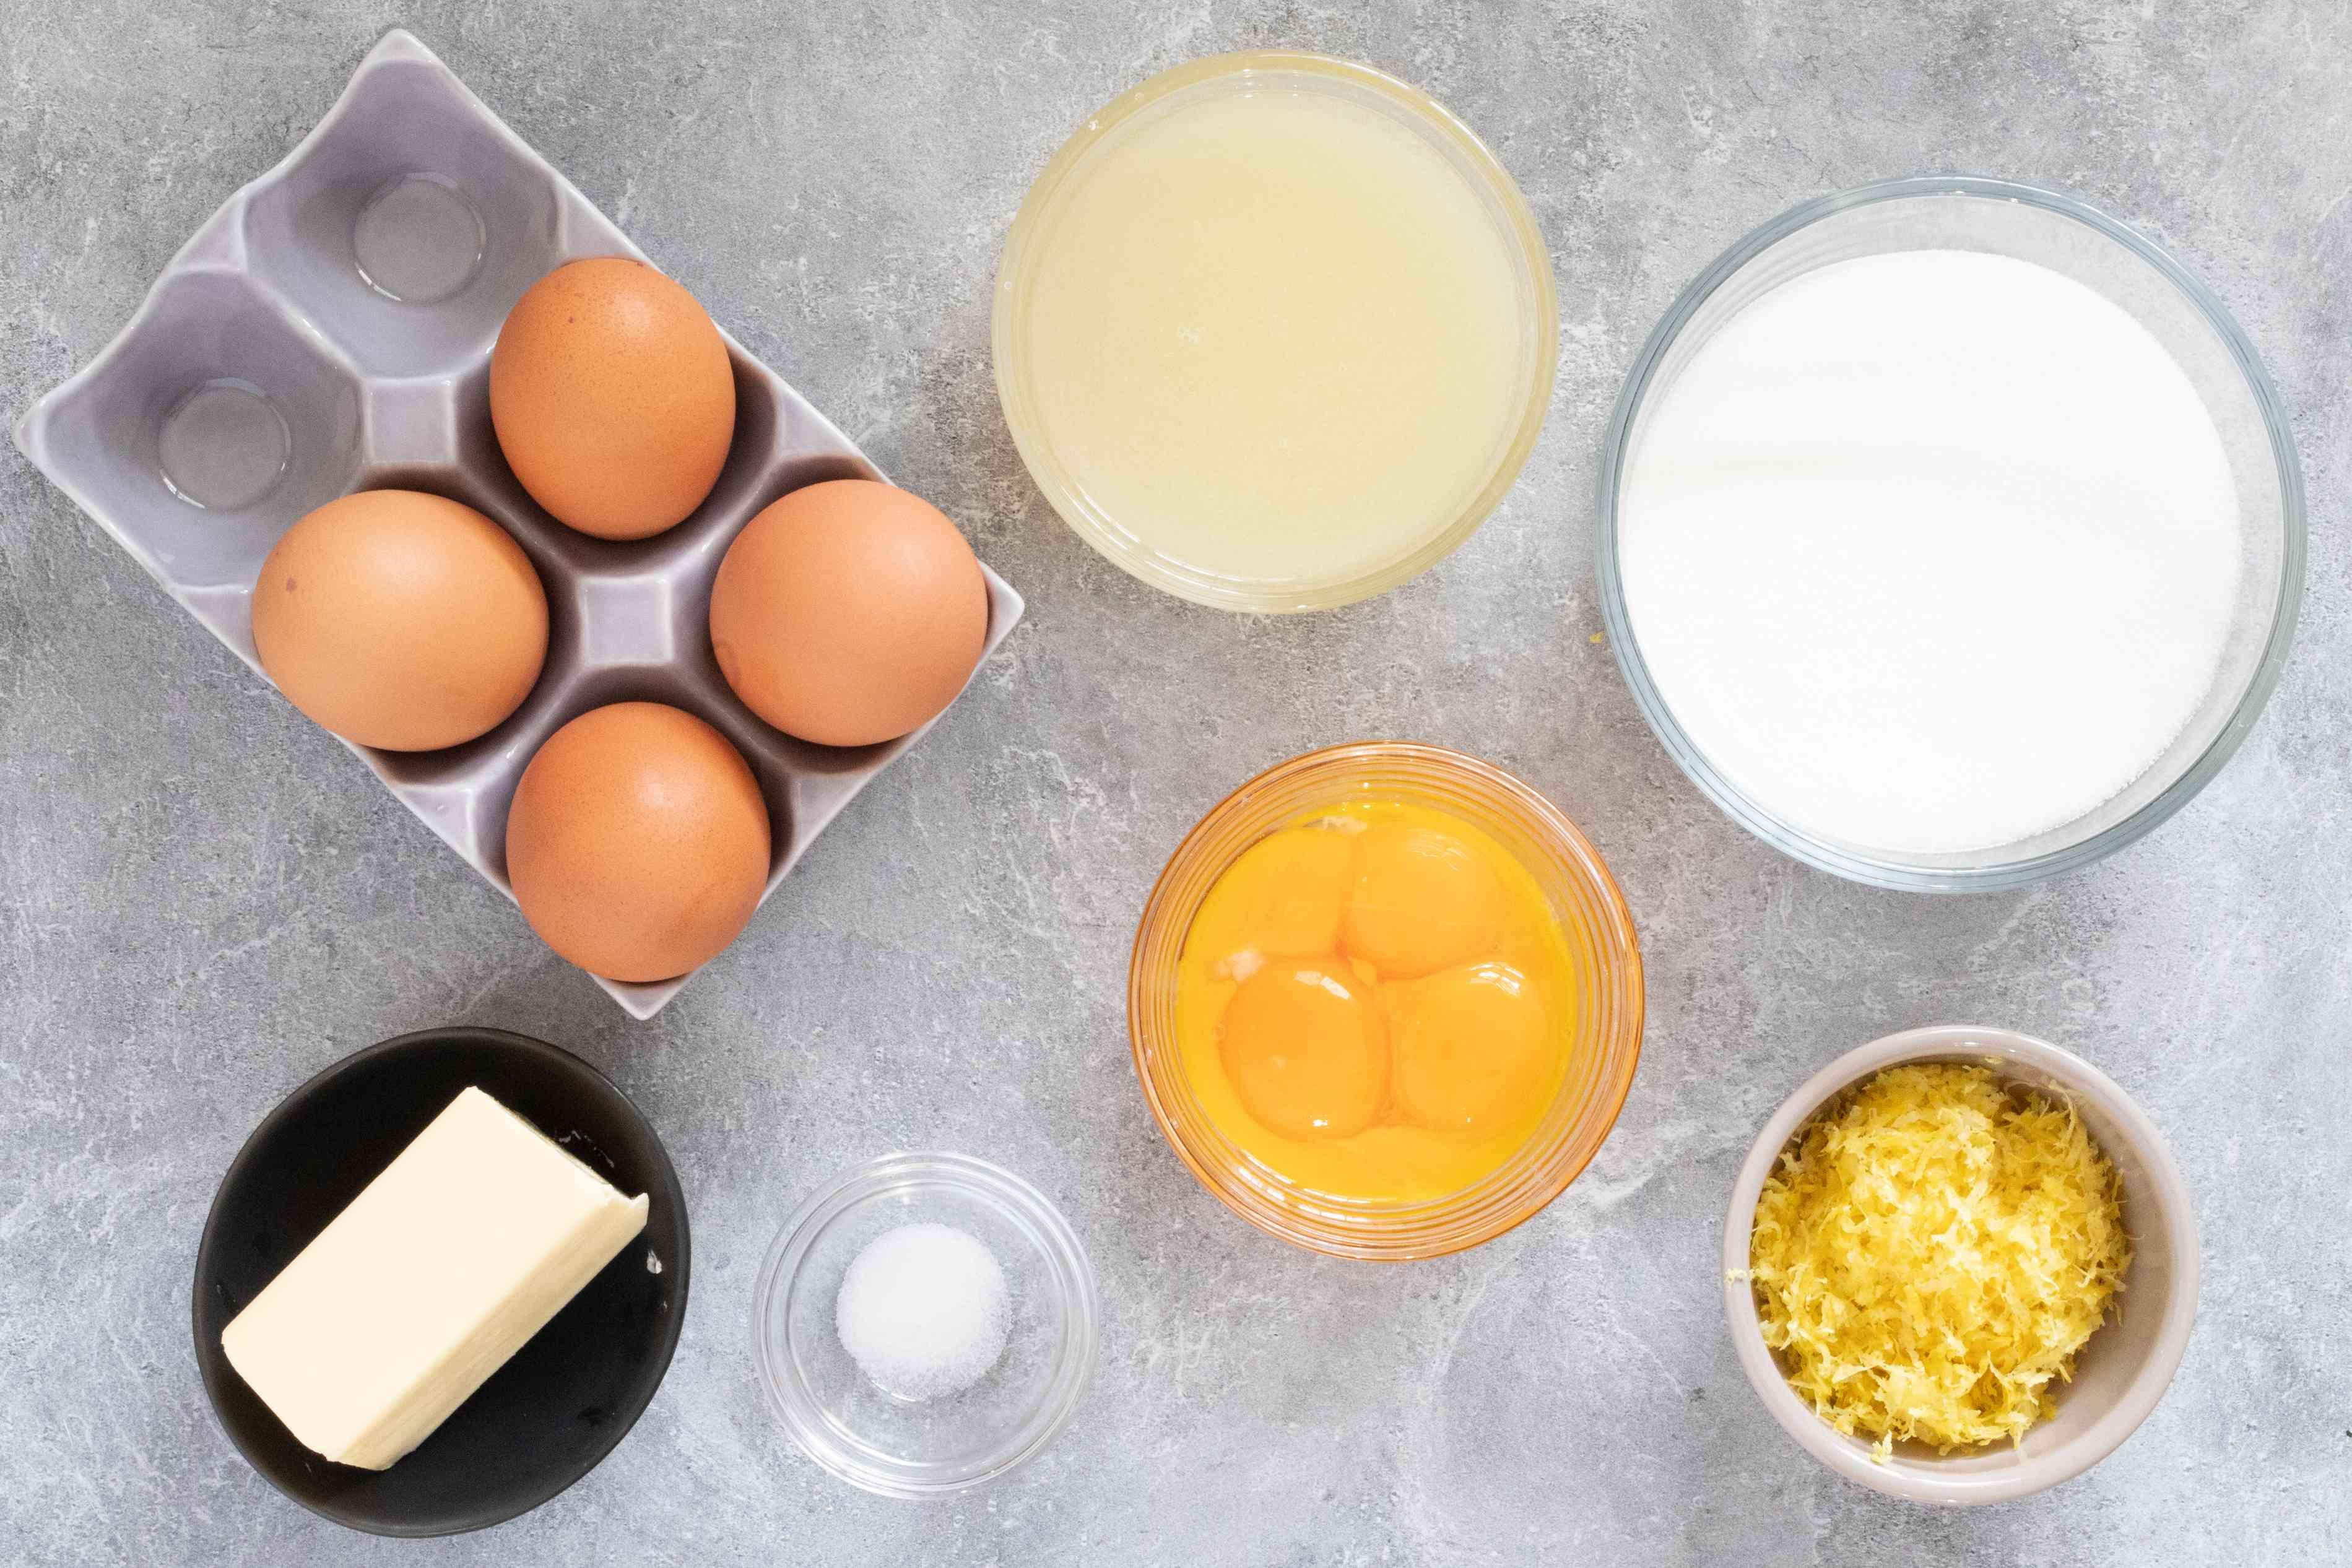 ingredients for lemon curd, doberge cake filling